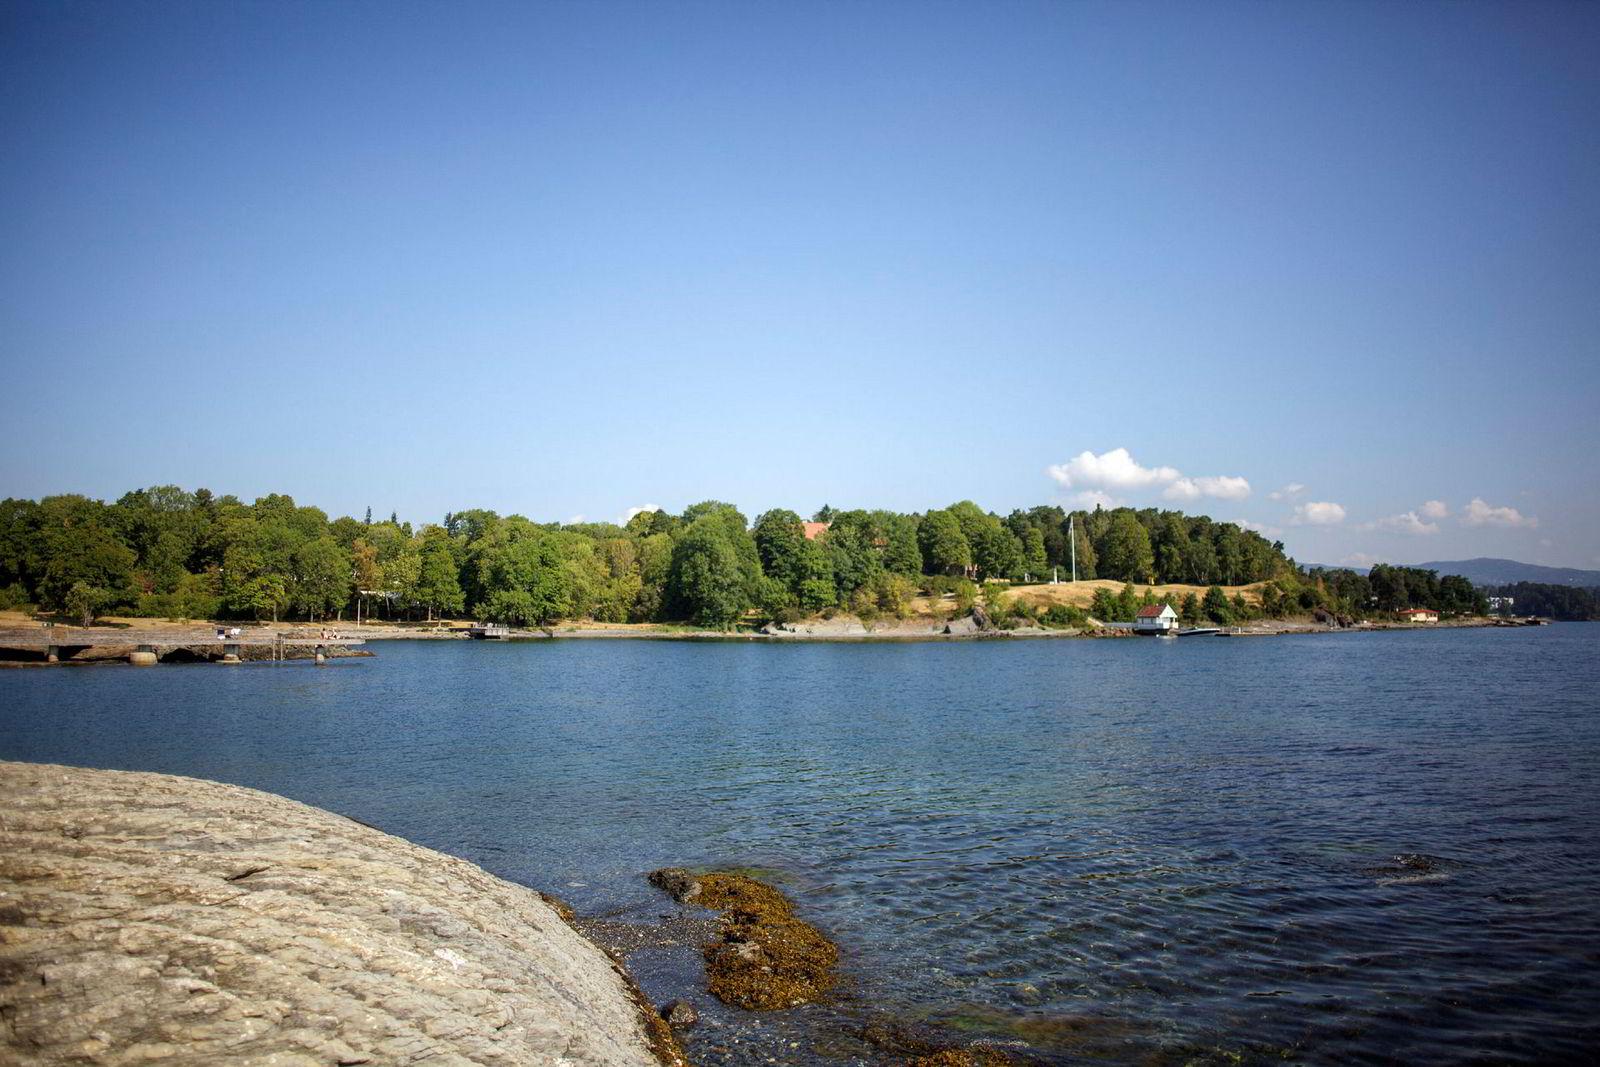 Med sin fantastiske fjordbeliggenhet burde området ideelt sett vært utnyttet til boligformål, mener KLP Eiendom og Fredly.